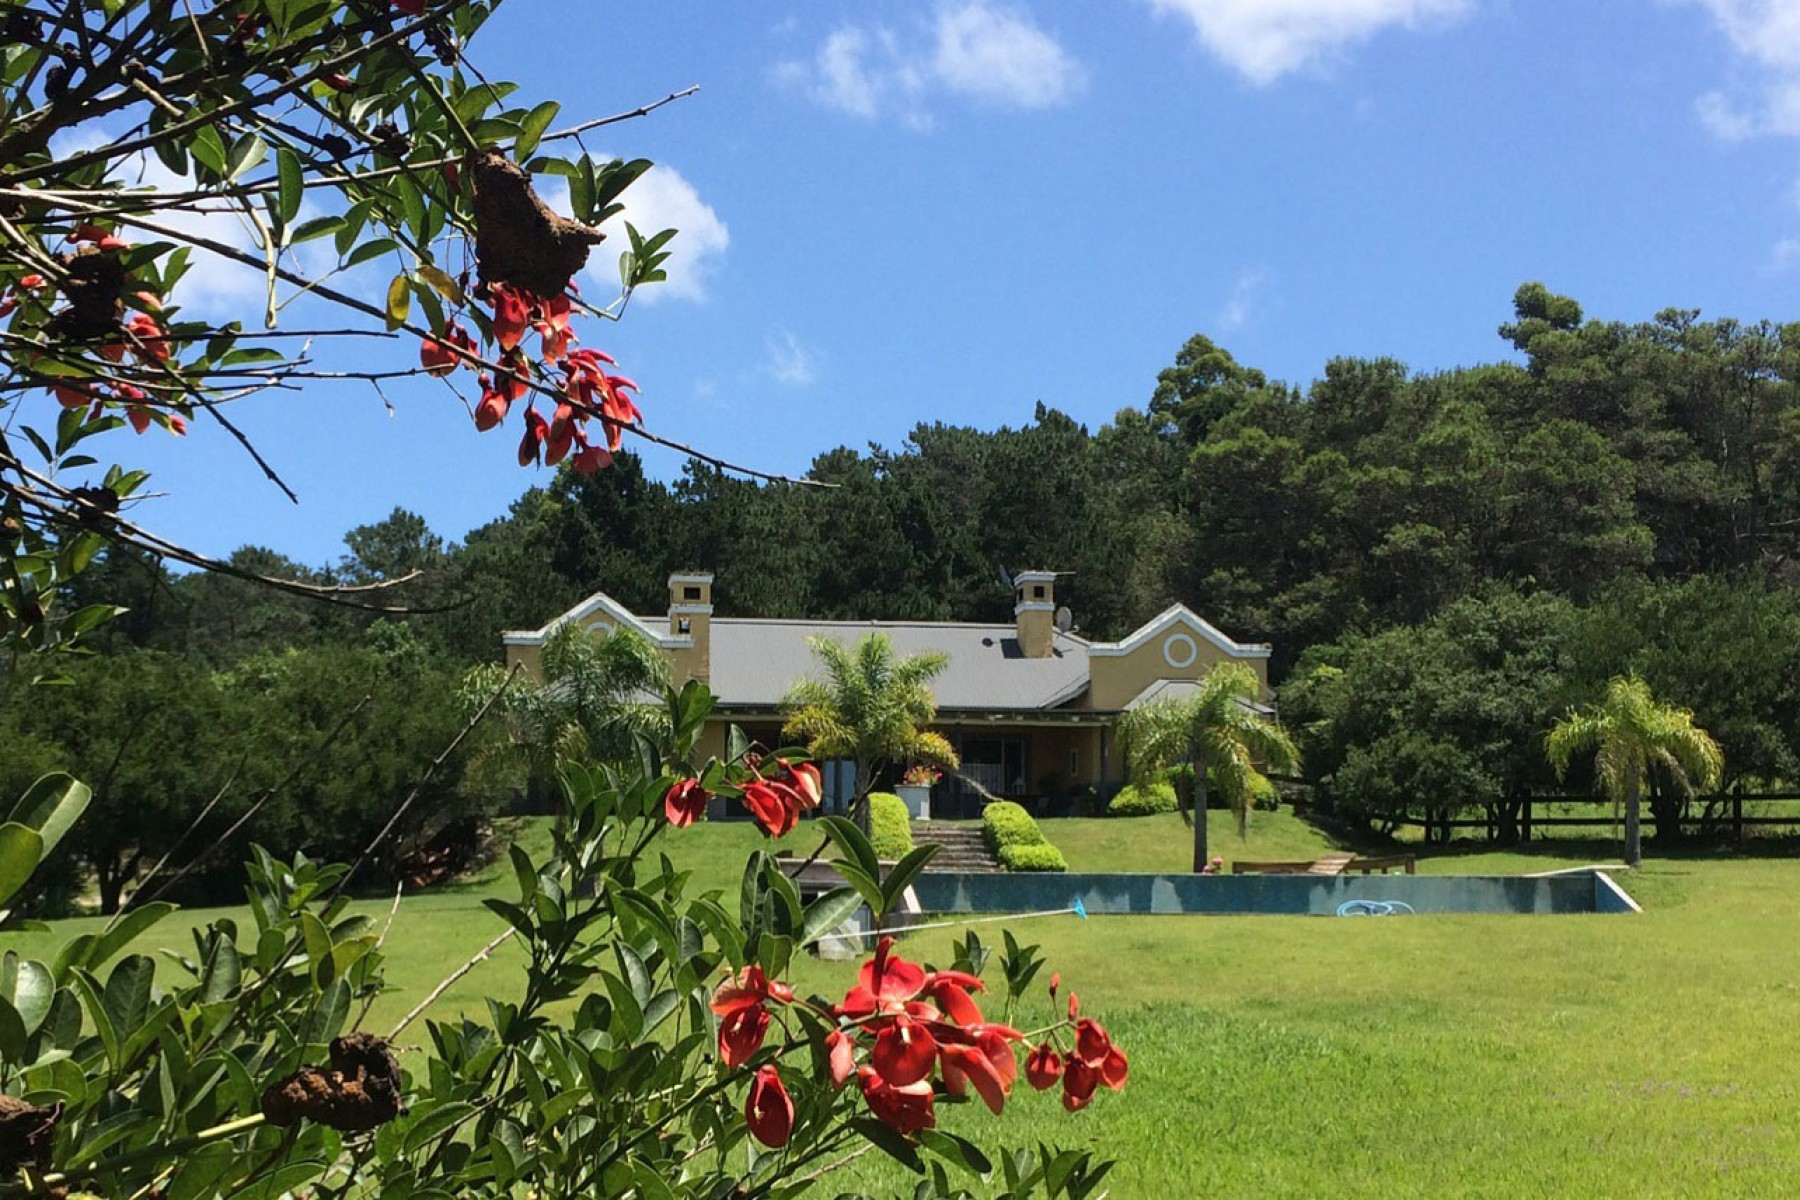 农场 / 牧场 / 种植园 为 销售 在 Haras Tairona Lapataia 马尔多纳多, 马尔多纳多 20000 乌拉圭